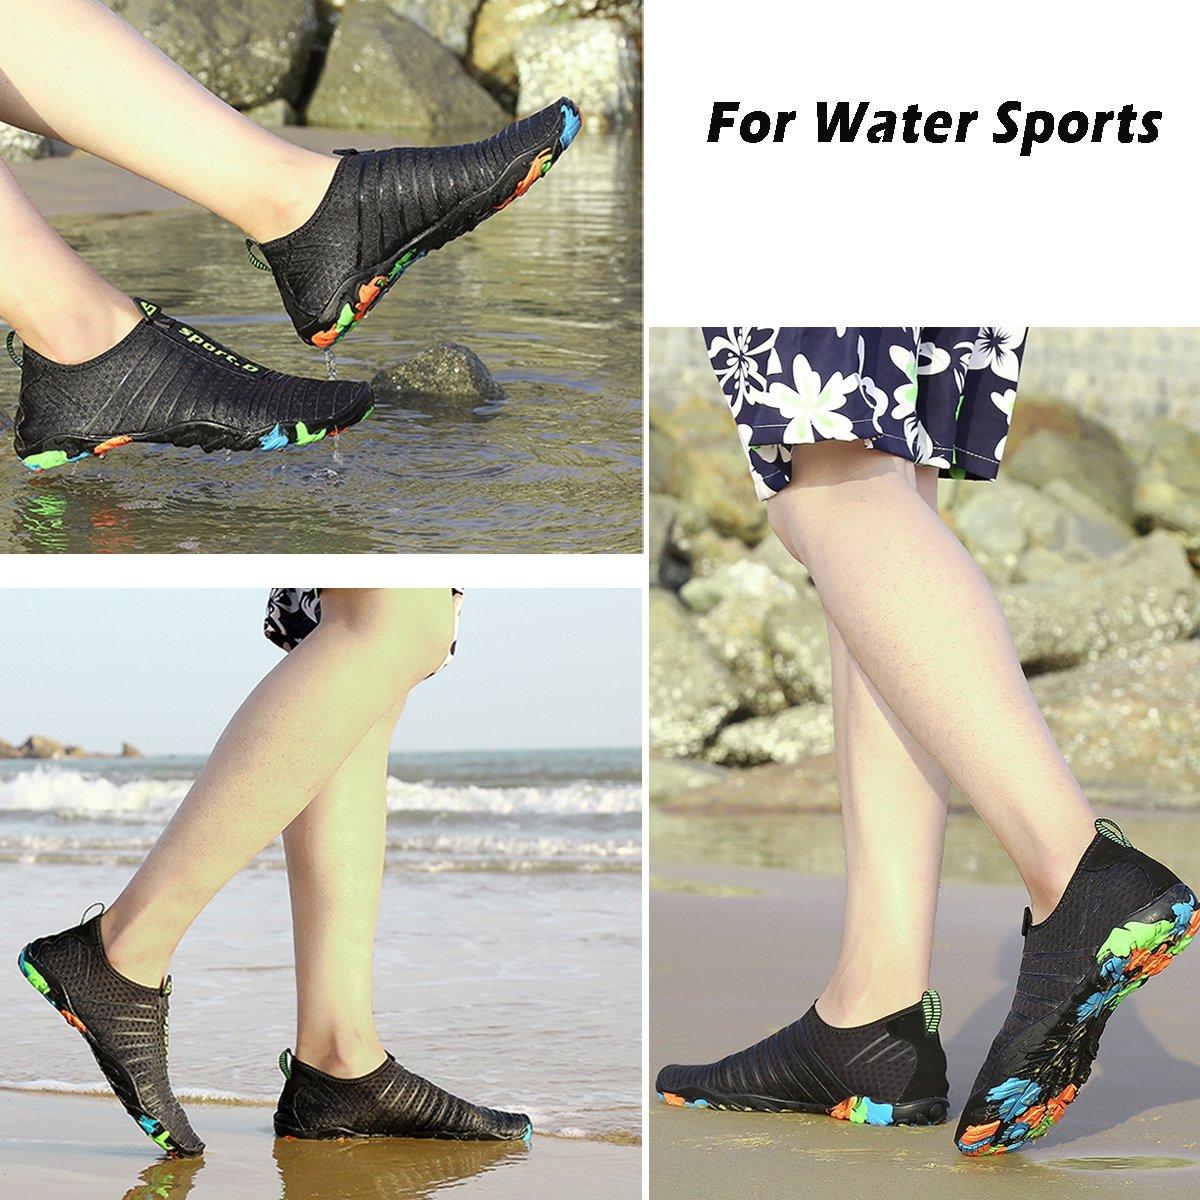 Voovix Chaussures Aquatiques Hommes Femmes Chaussons de Plage L/égers Respirants Aqua Shoes Antid/érapantes pour Natation Piscine Surf Yoga